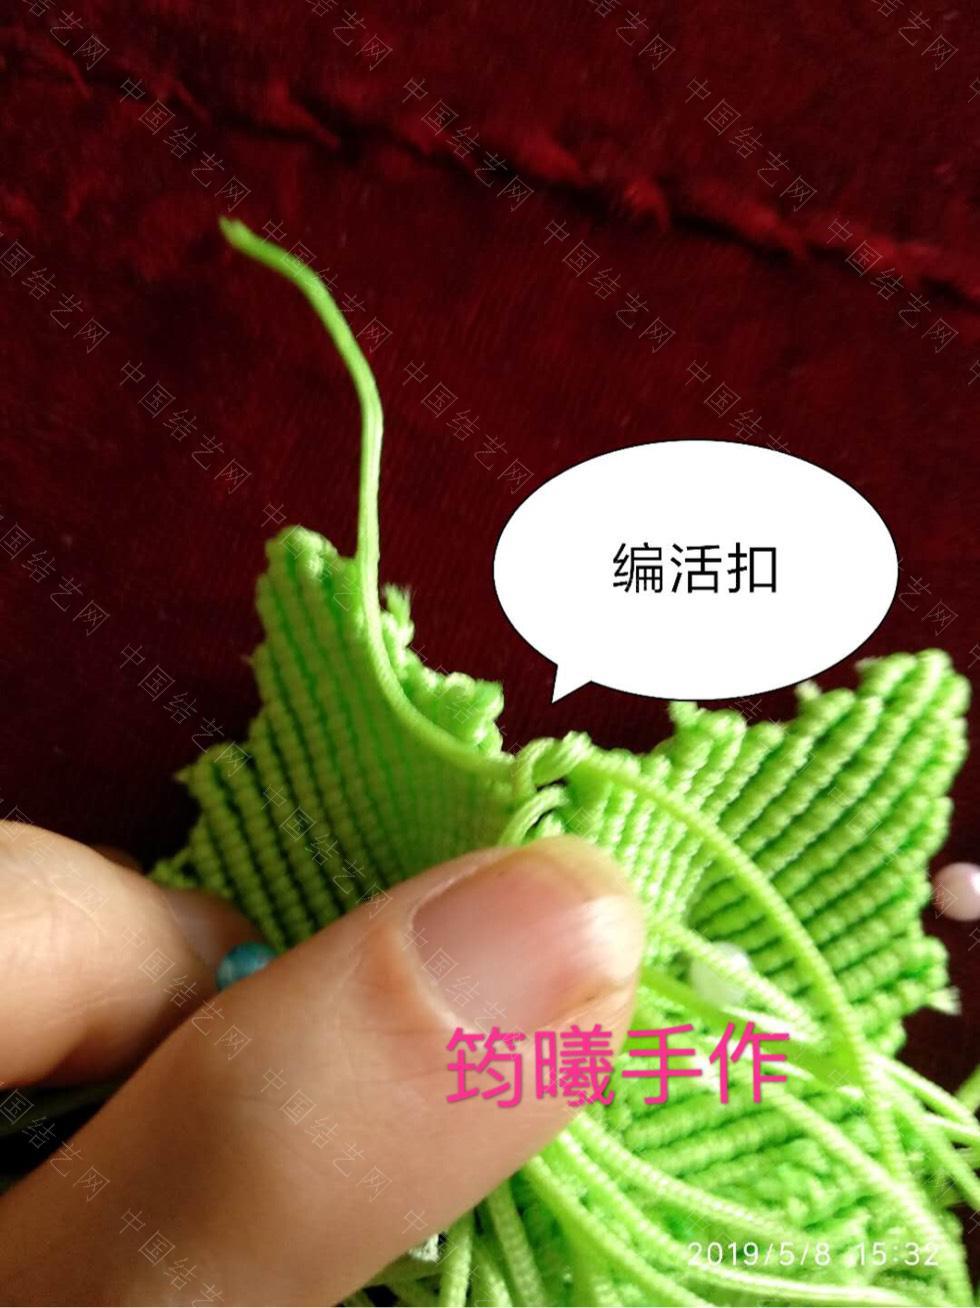 中国结论坛 新编叶子排骨缝合编法  立体绳结教程与交流区 224757xm40ldh4pgadcc46